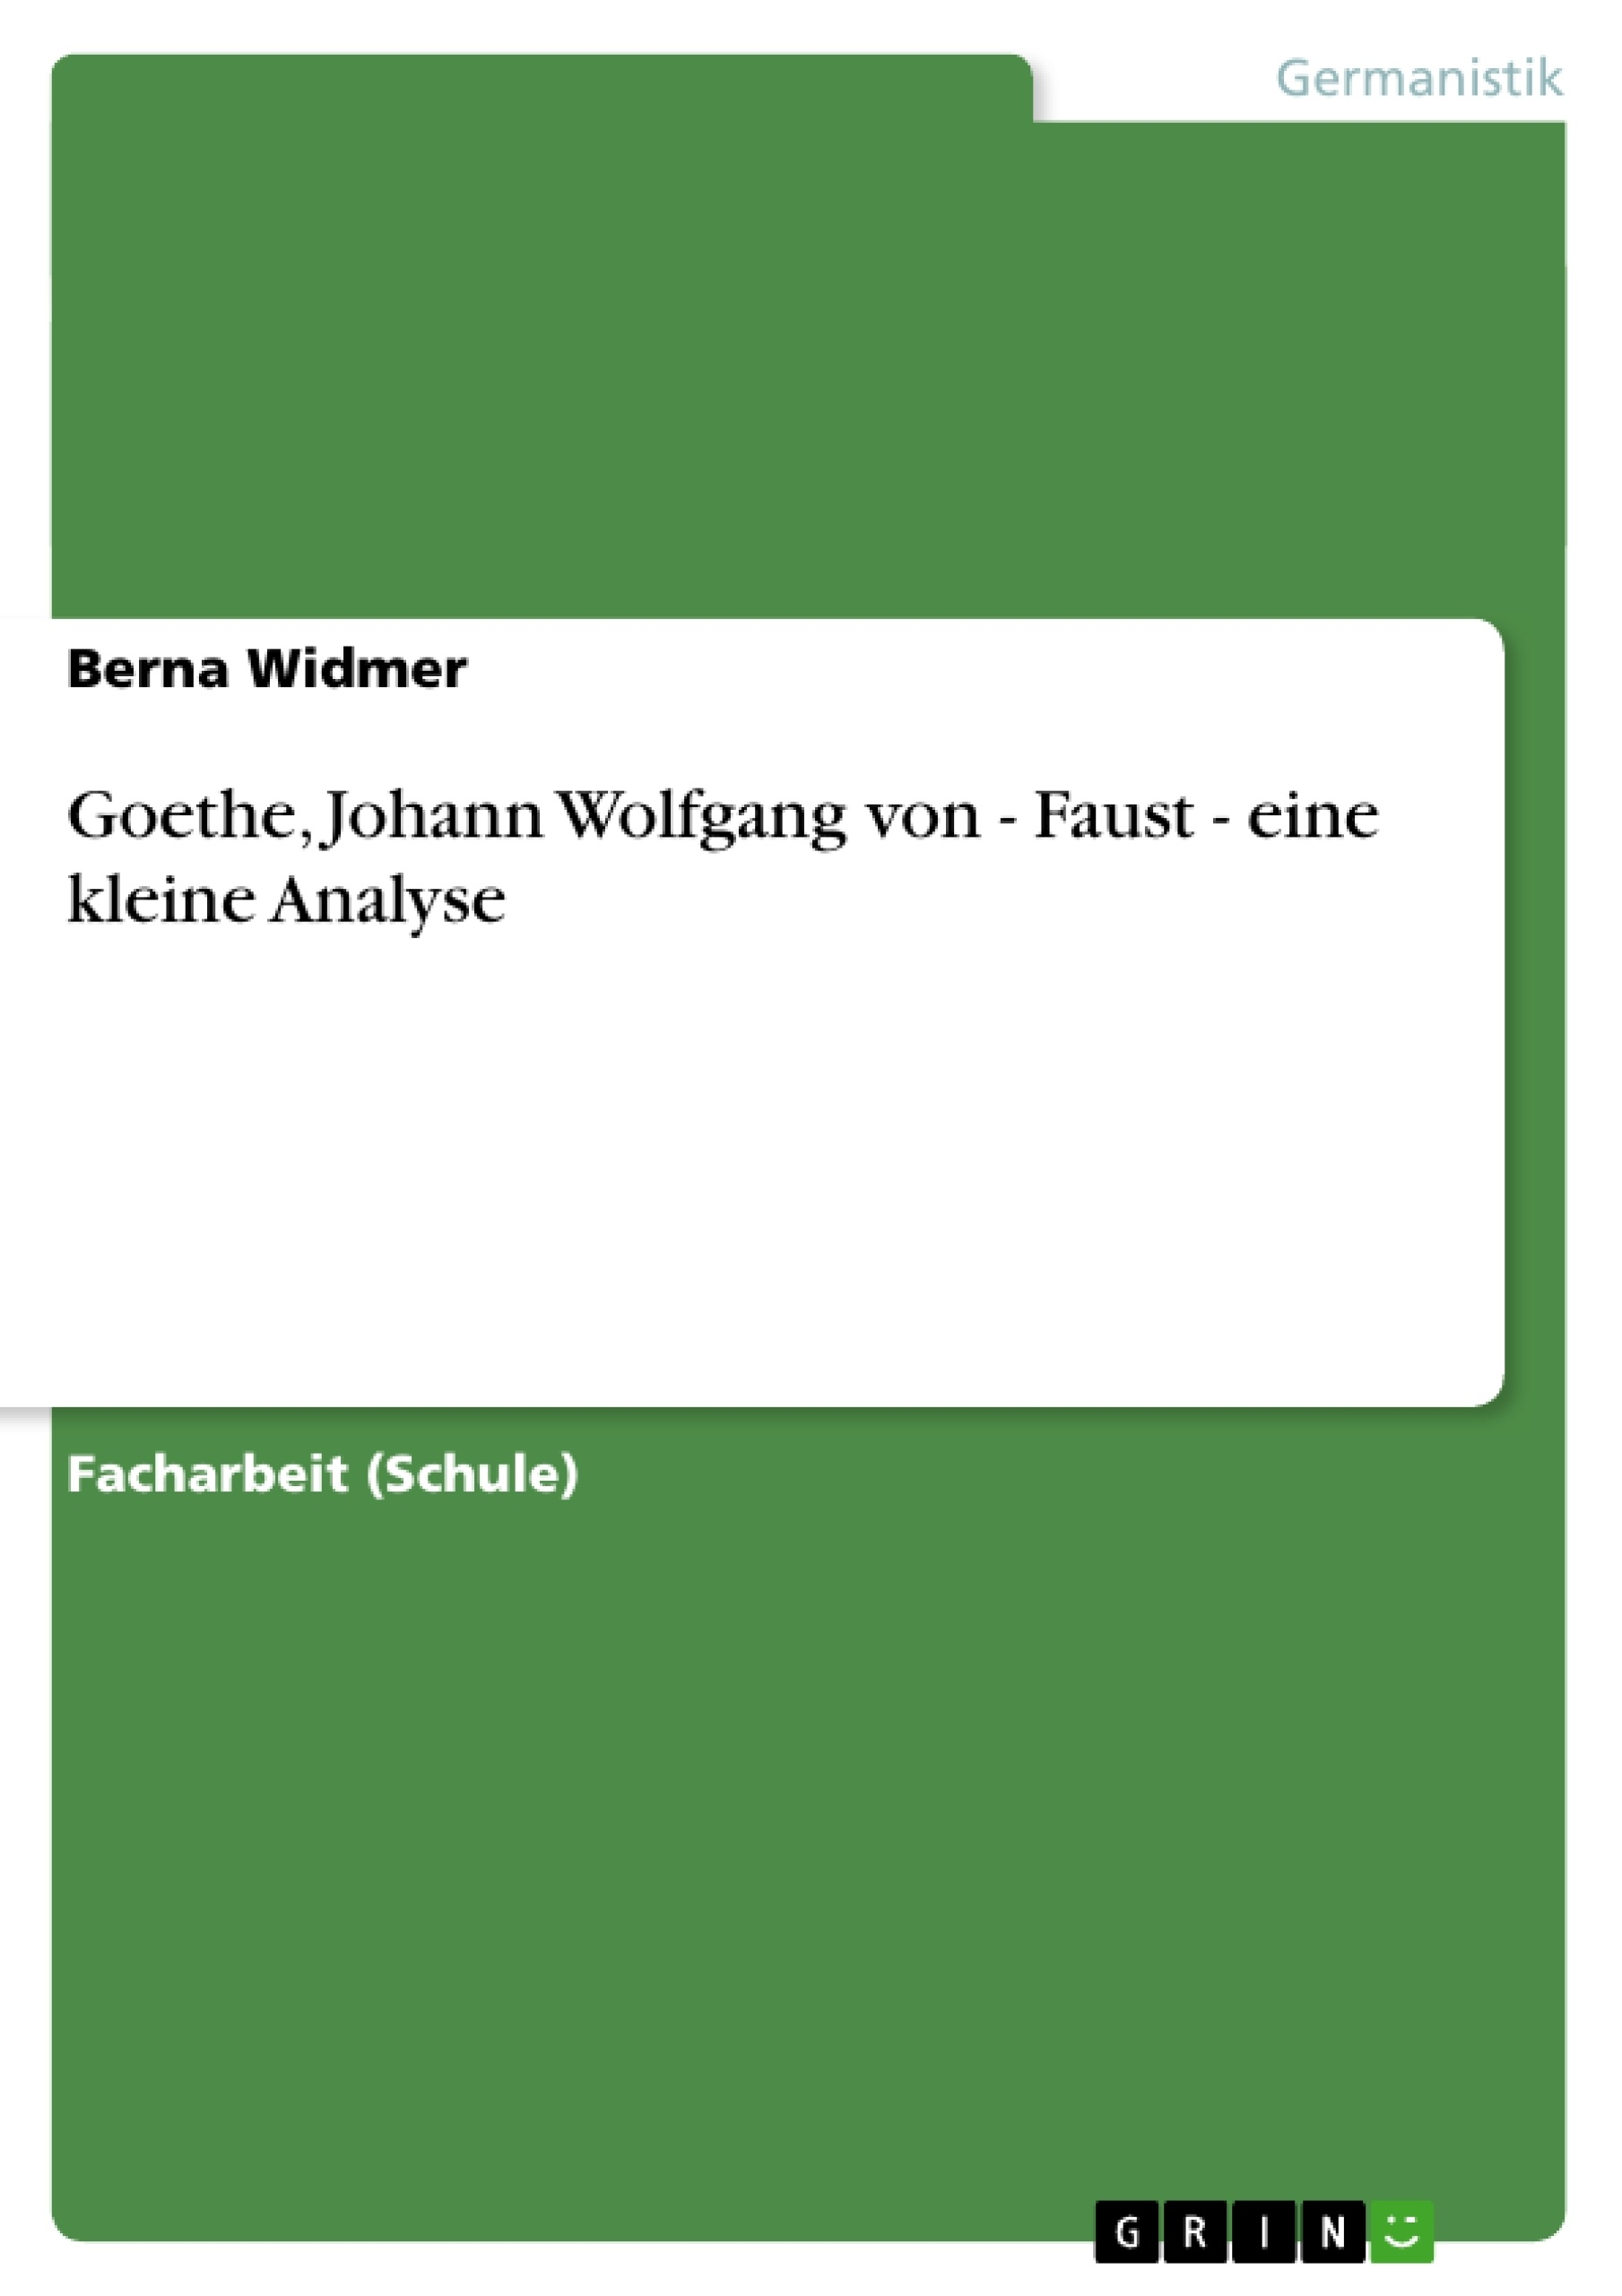 Titel: Goethe, Johann Wolfgang von - Faust - eine kleine Analyse